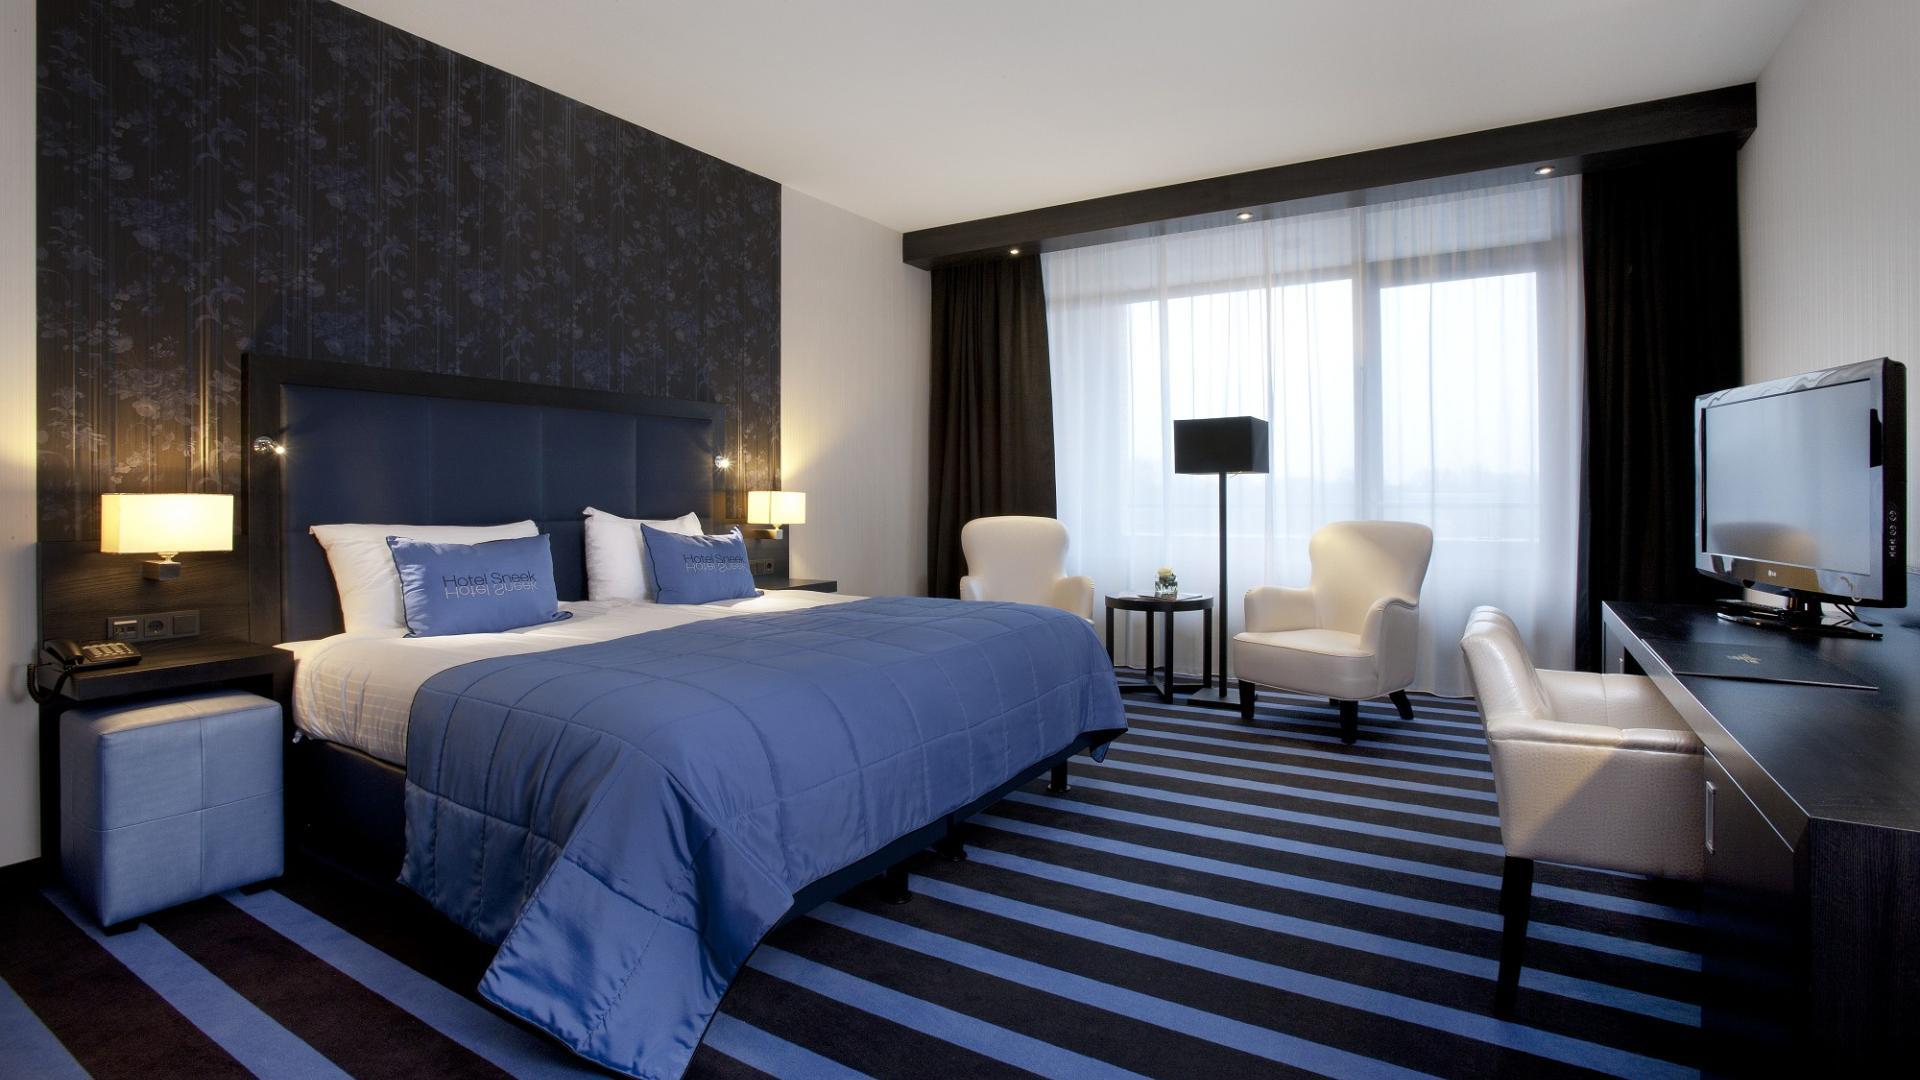 3 dagen 4-sterren Van der Valk hotel in <b>Sneek</b> incl. ontbijt en diner